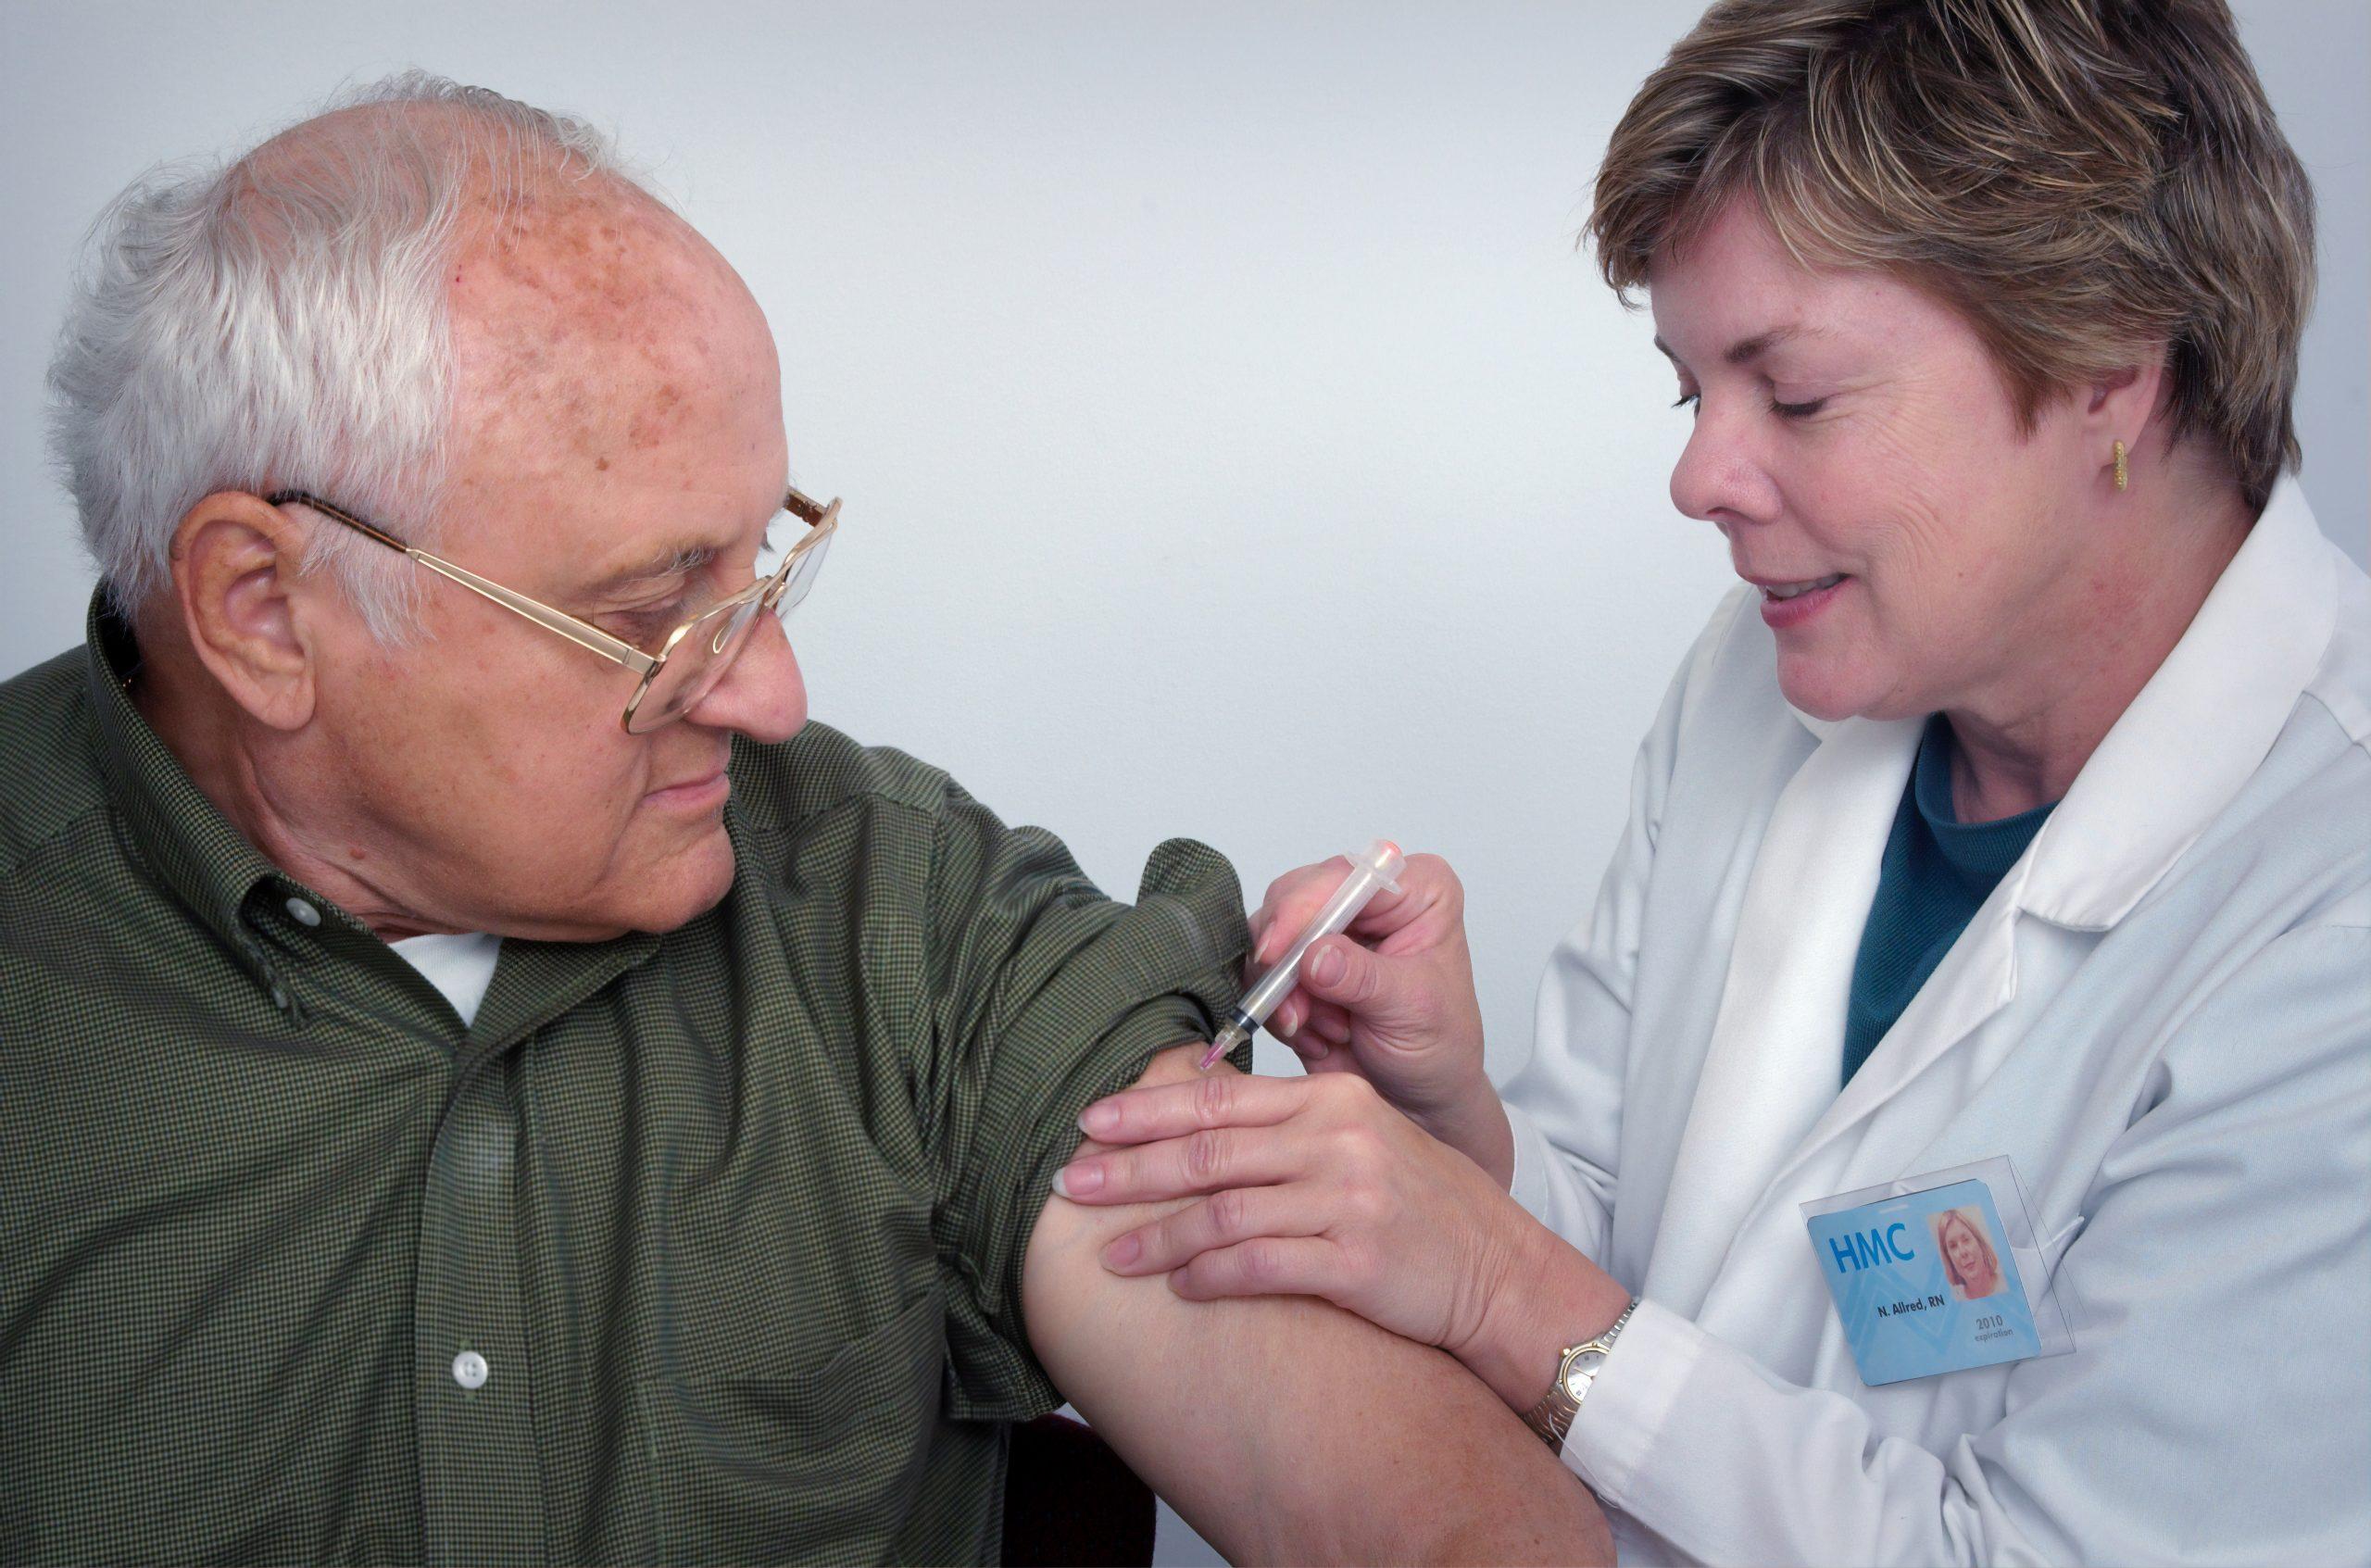 Bărbat în vârstă vaccinat de o asistentă medicală